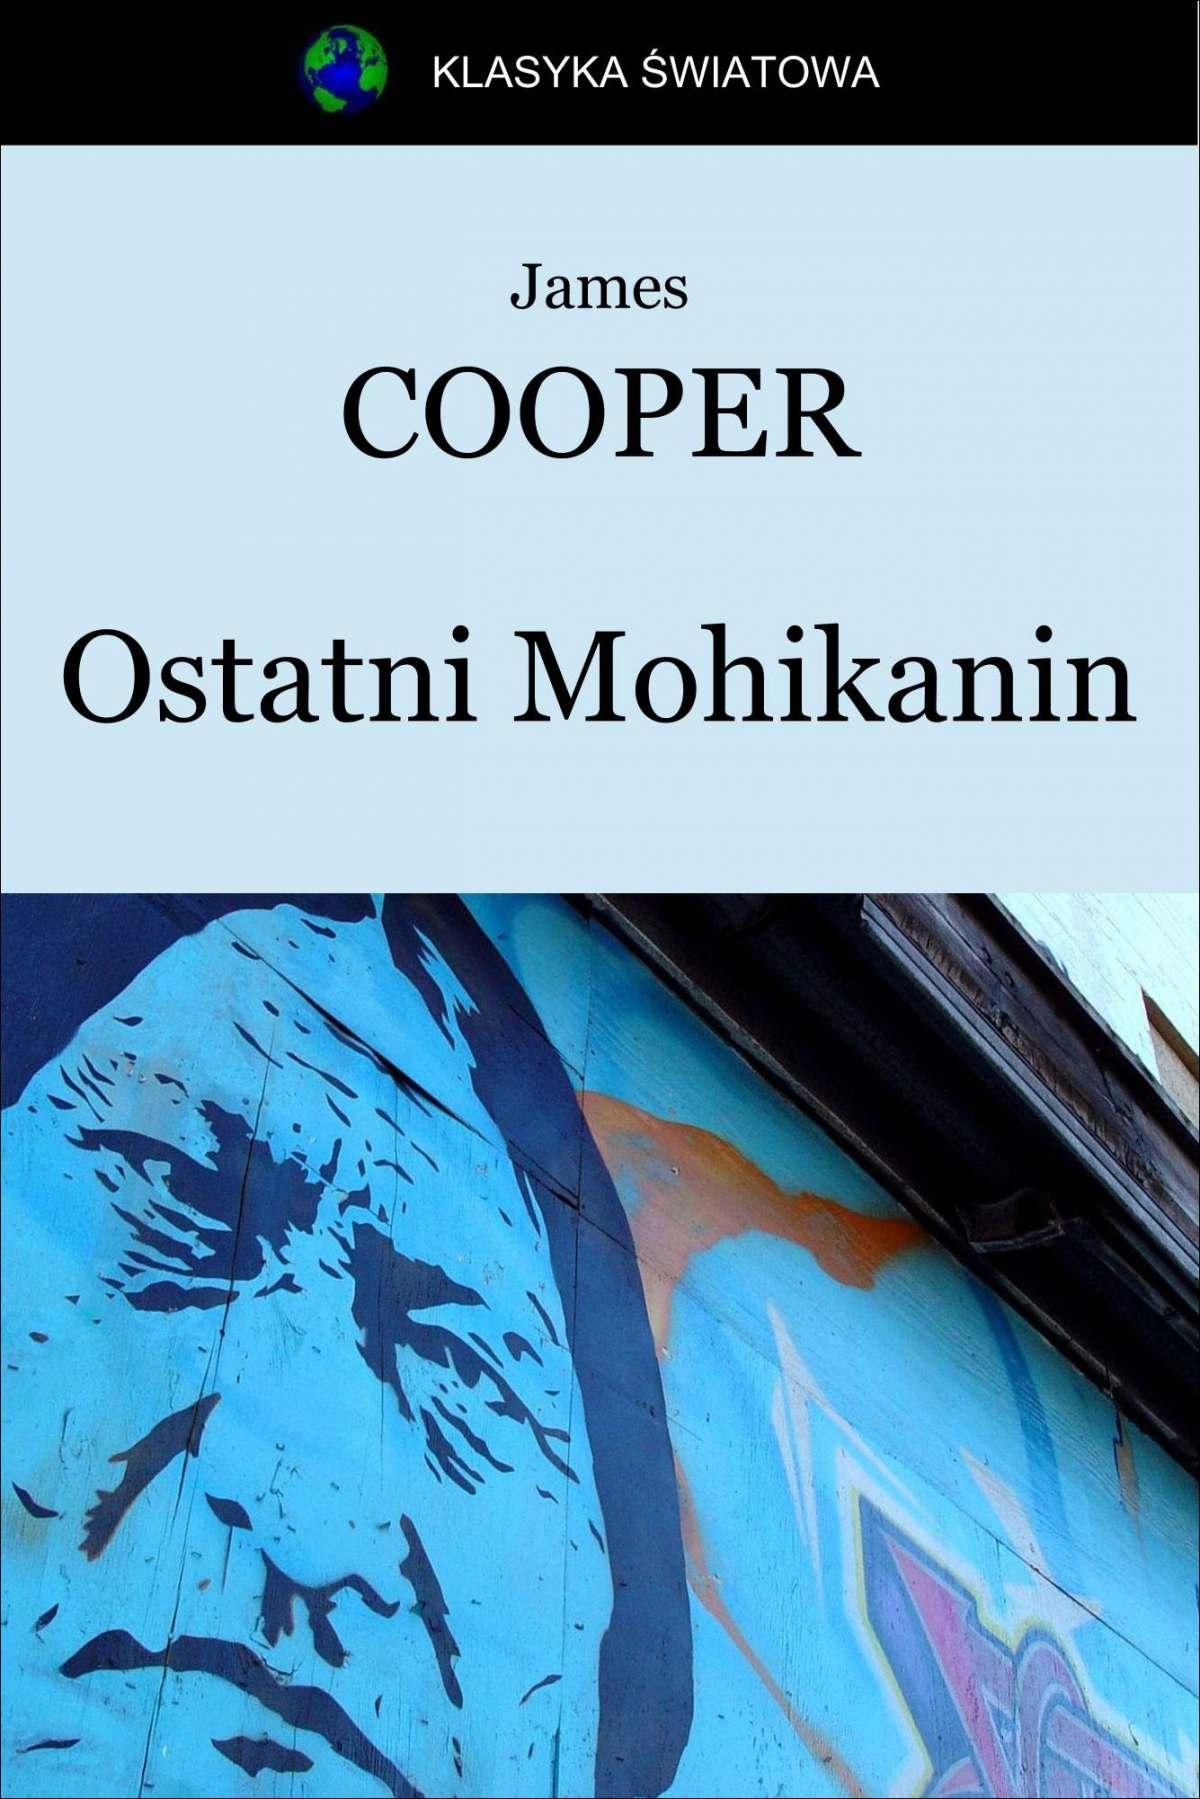 Ostatni Mohikanin - Ebook (Książka na Kindle) do pobrania w formacie MOBI